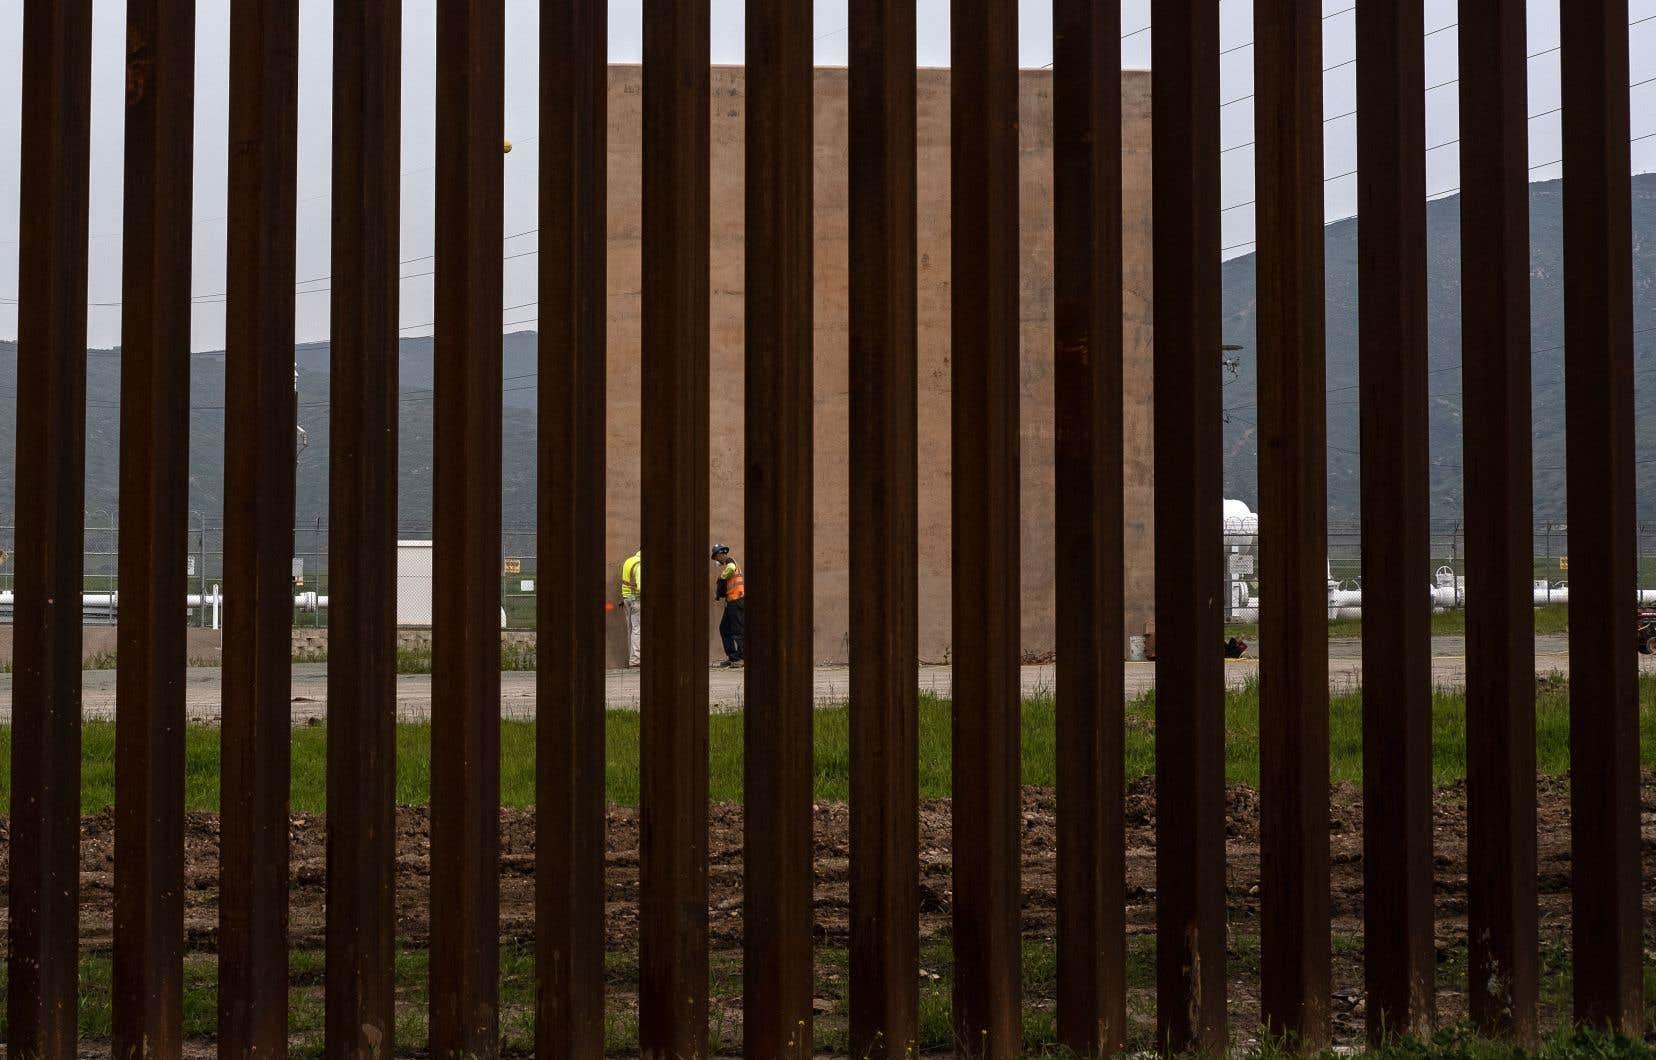 Donald Trump a déclaré l'«urgence nationale» le 15 février pour financer la construction de son mur anti-immigration clandestine.